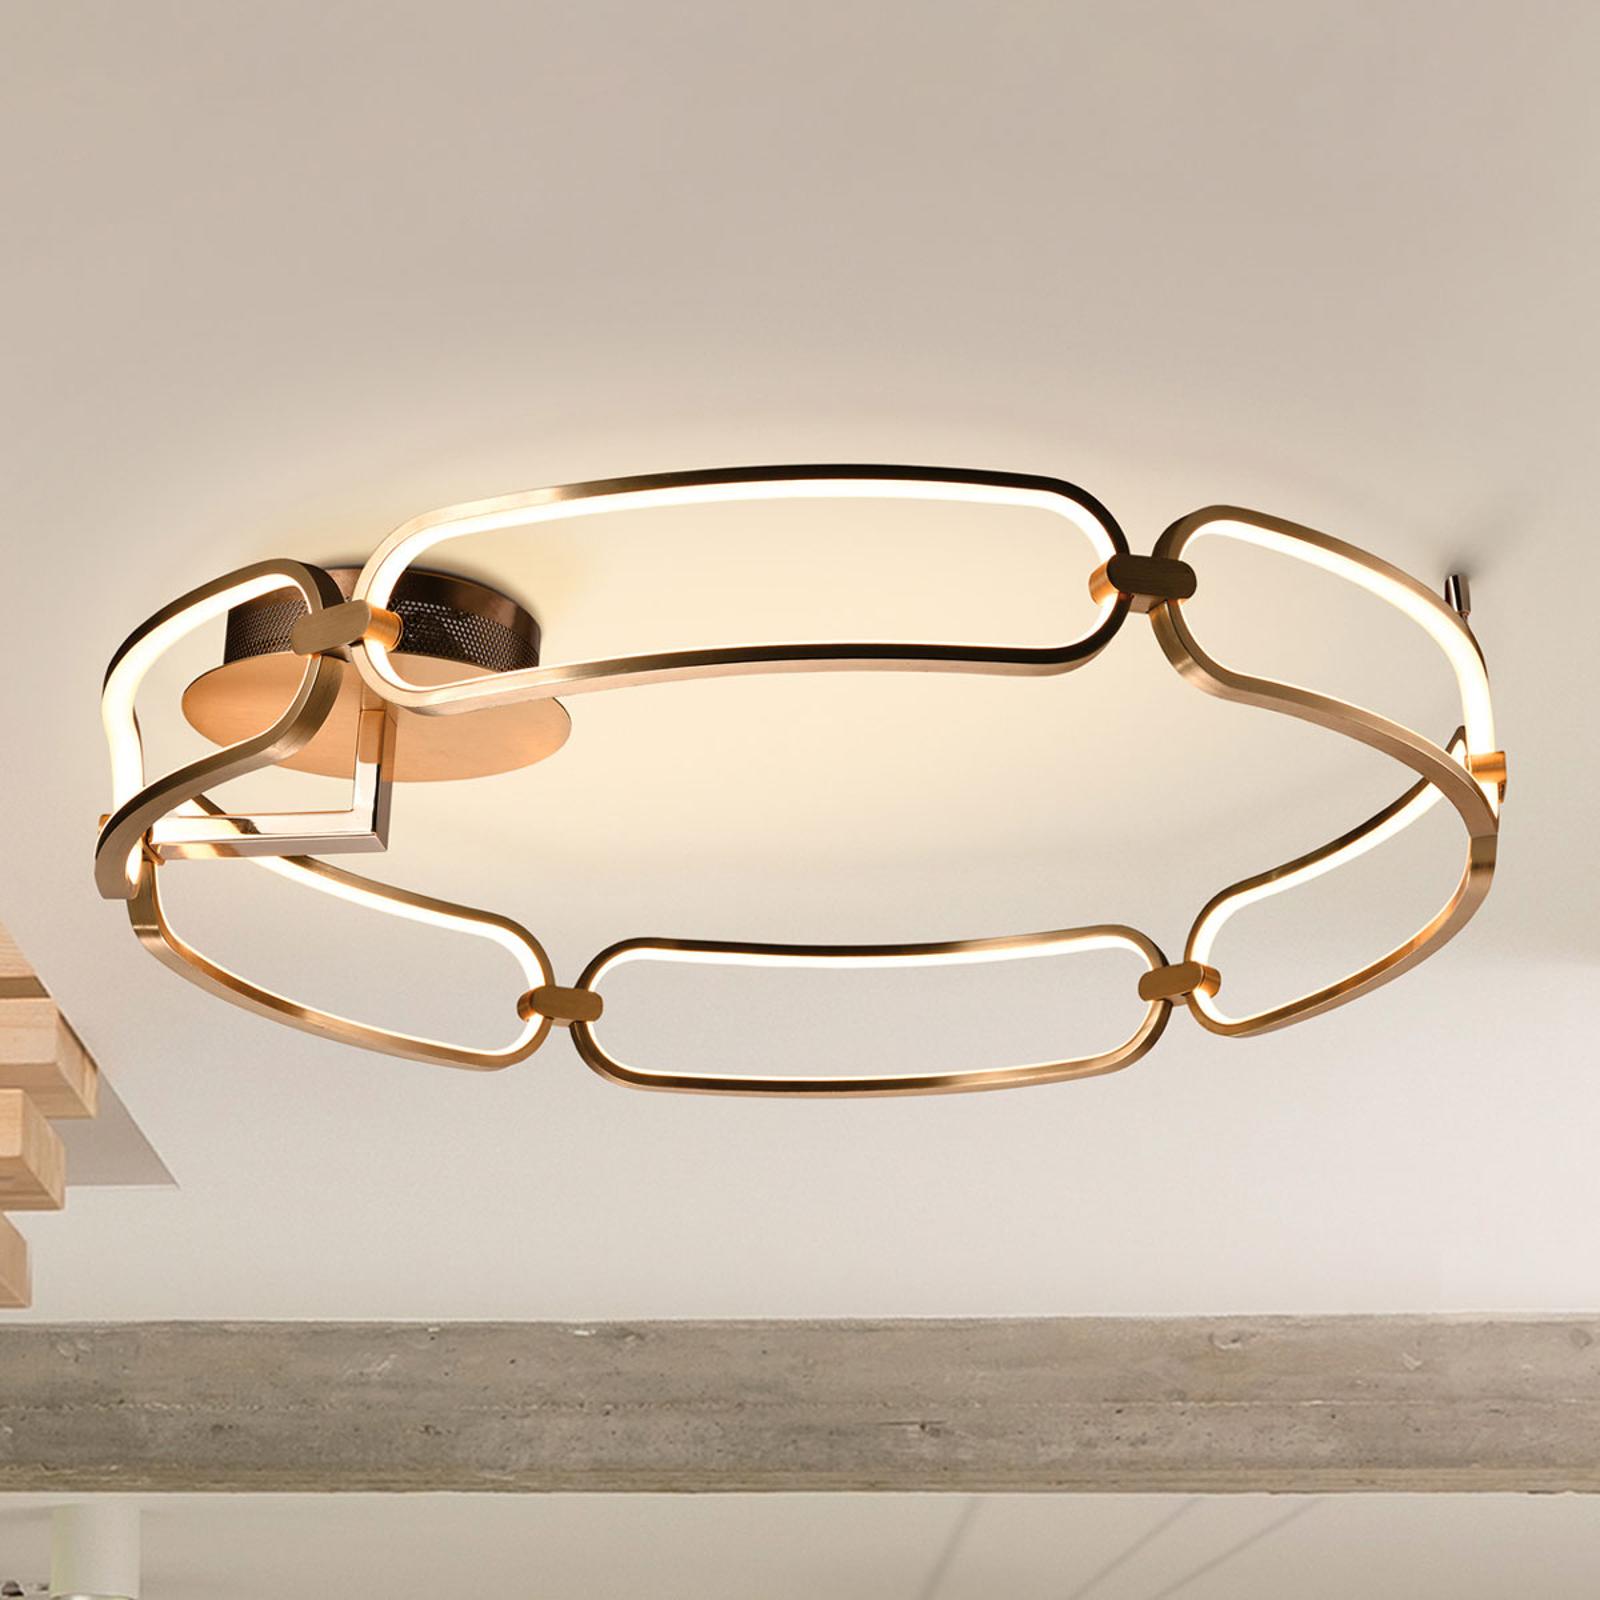 Lampa sufitowa LED Colette, 6-punktowa, złota